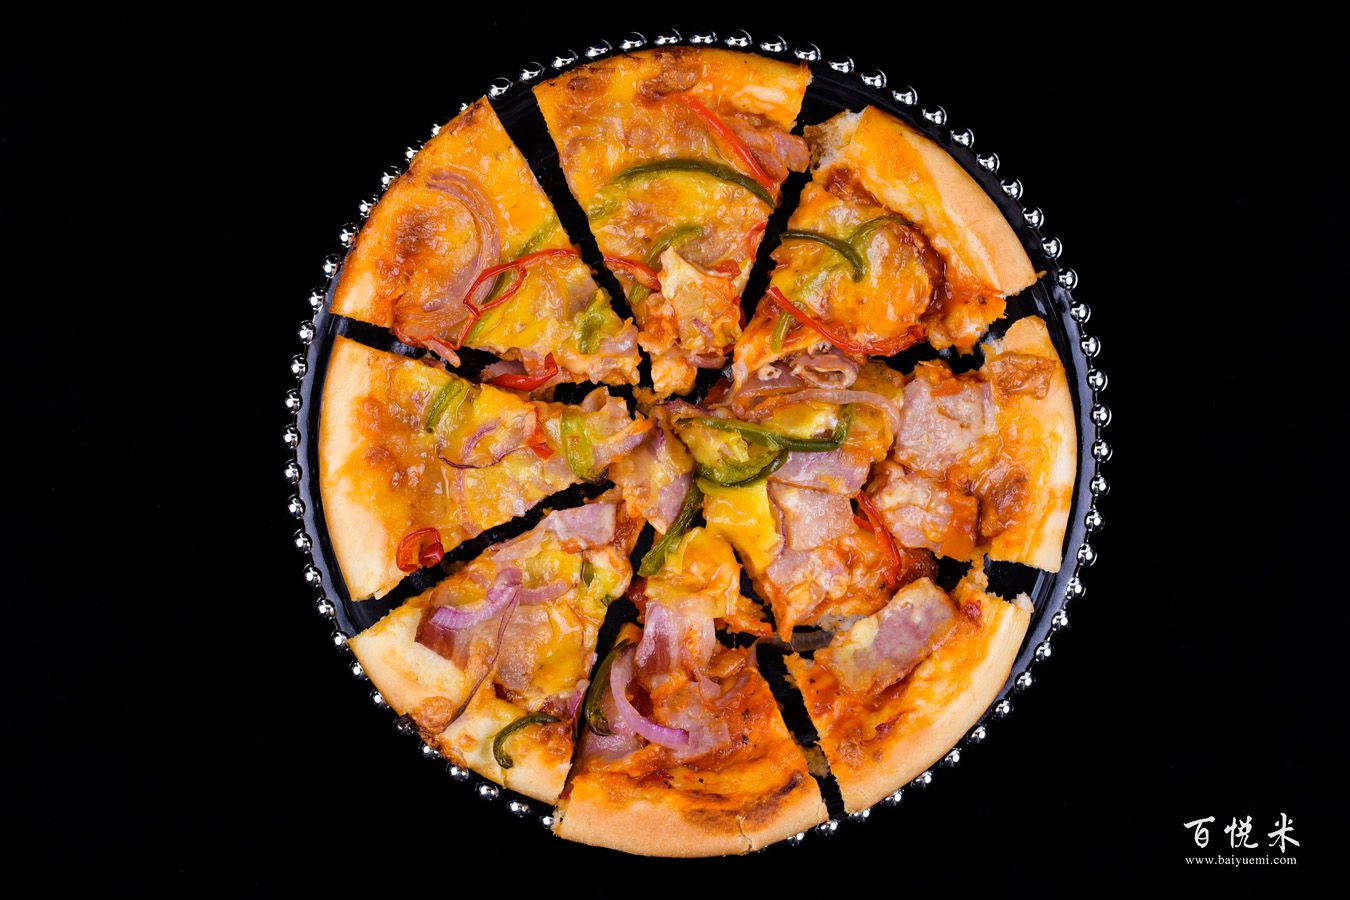 培根至尊披萨的做法大全,培根至尊披萨西点培训图文教程分享